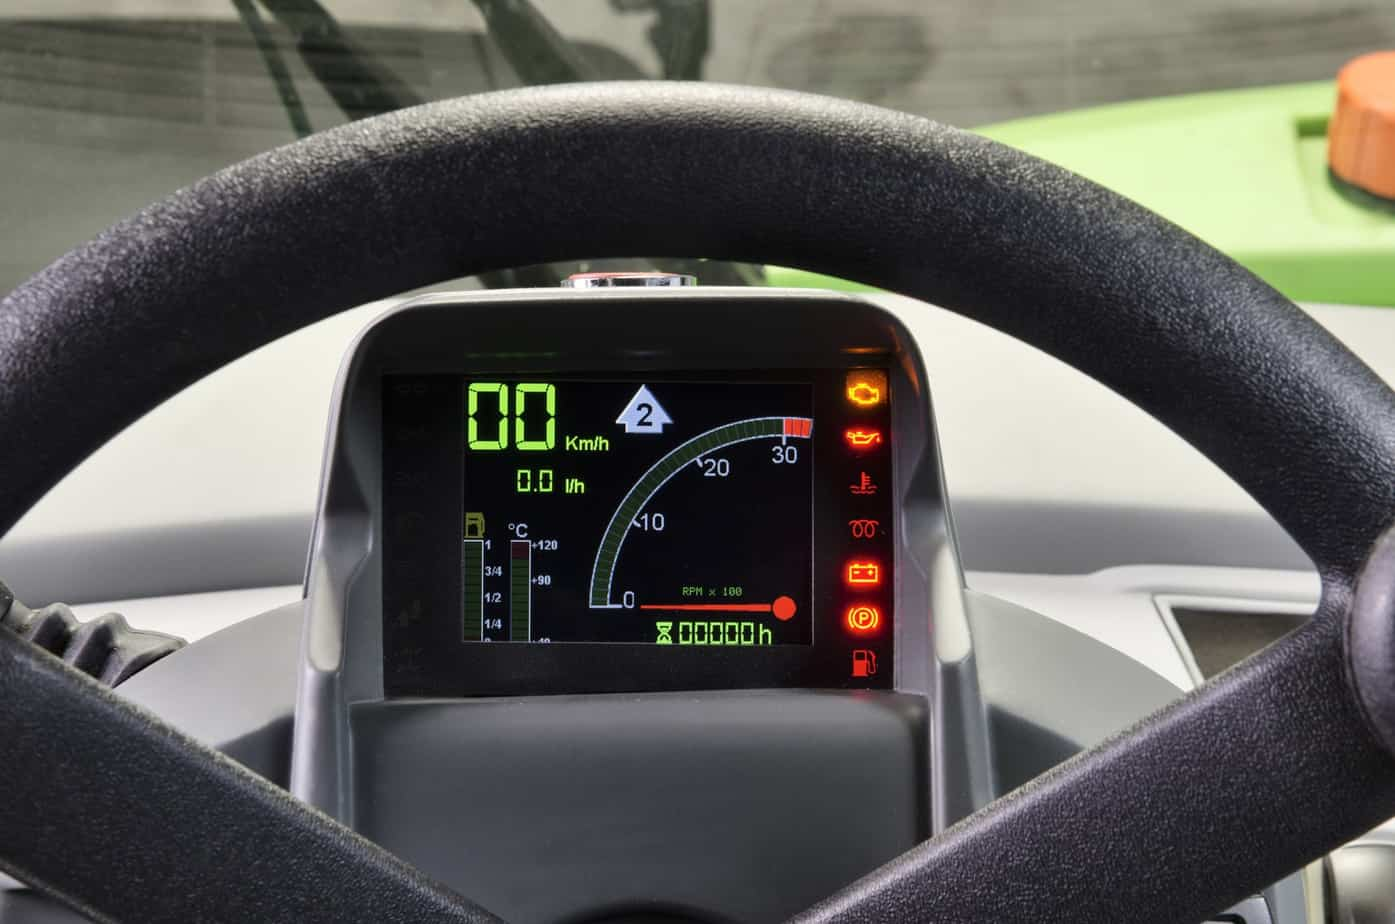 Il nuovo display digitale ha una impostazione automobilistica